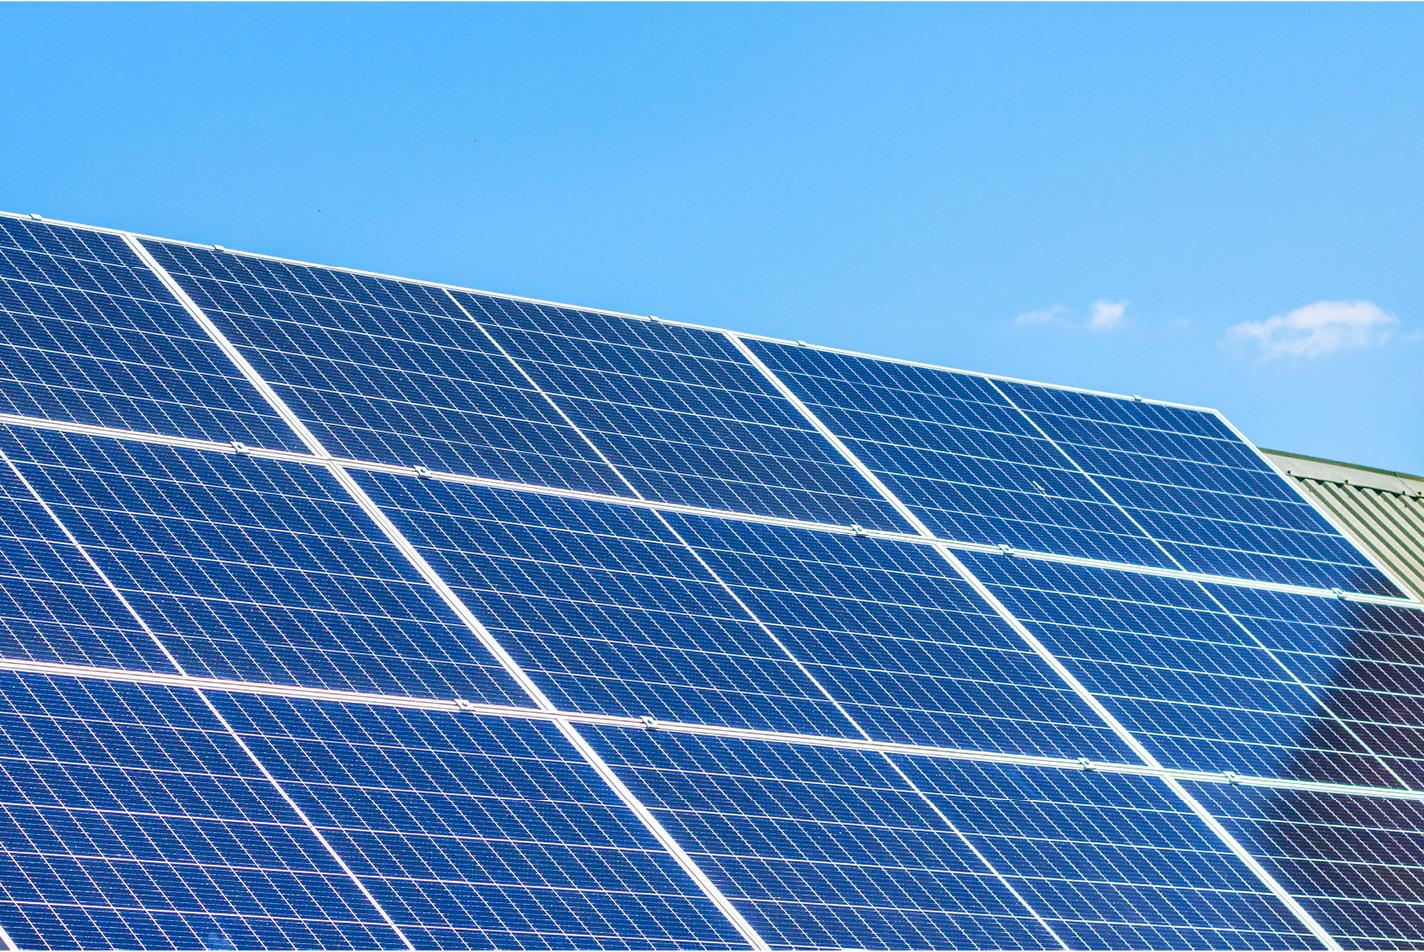 BTVS groene energie